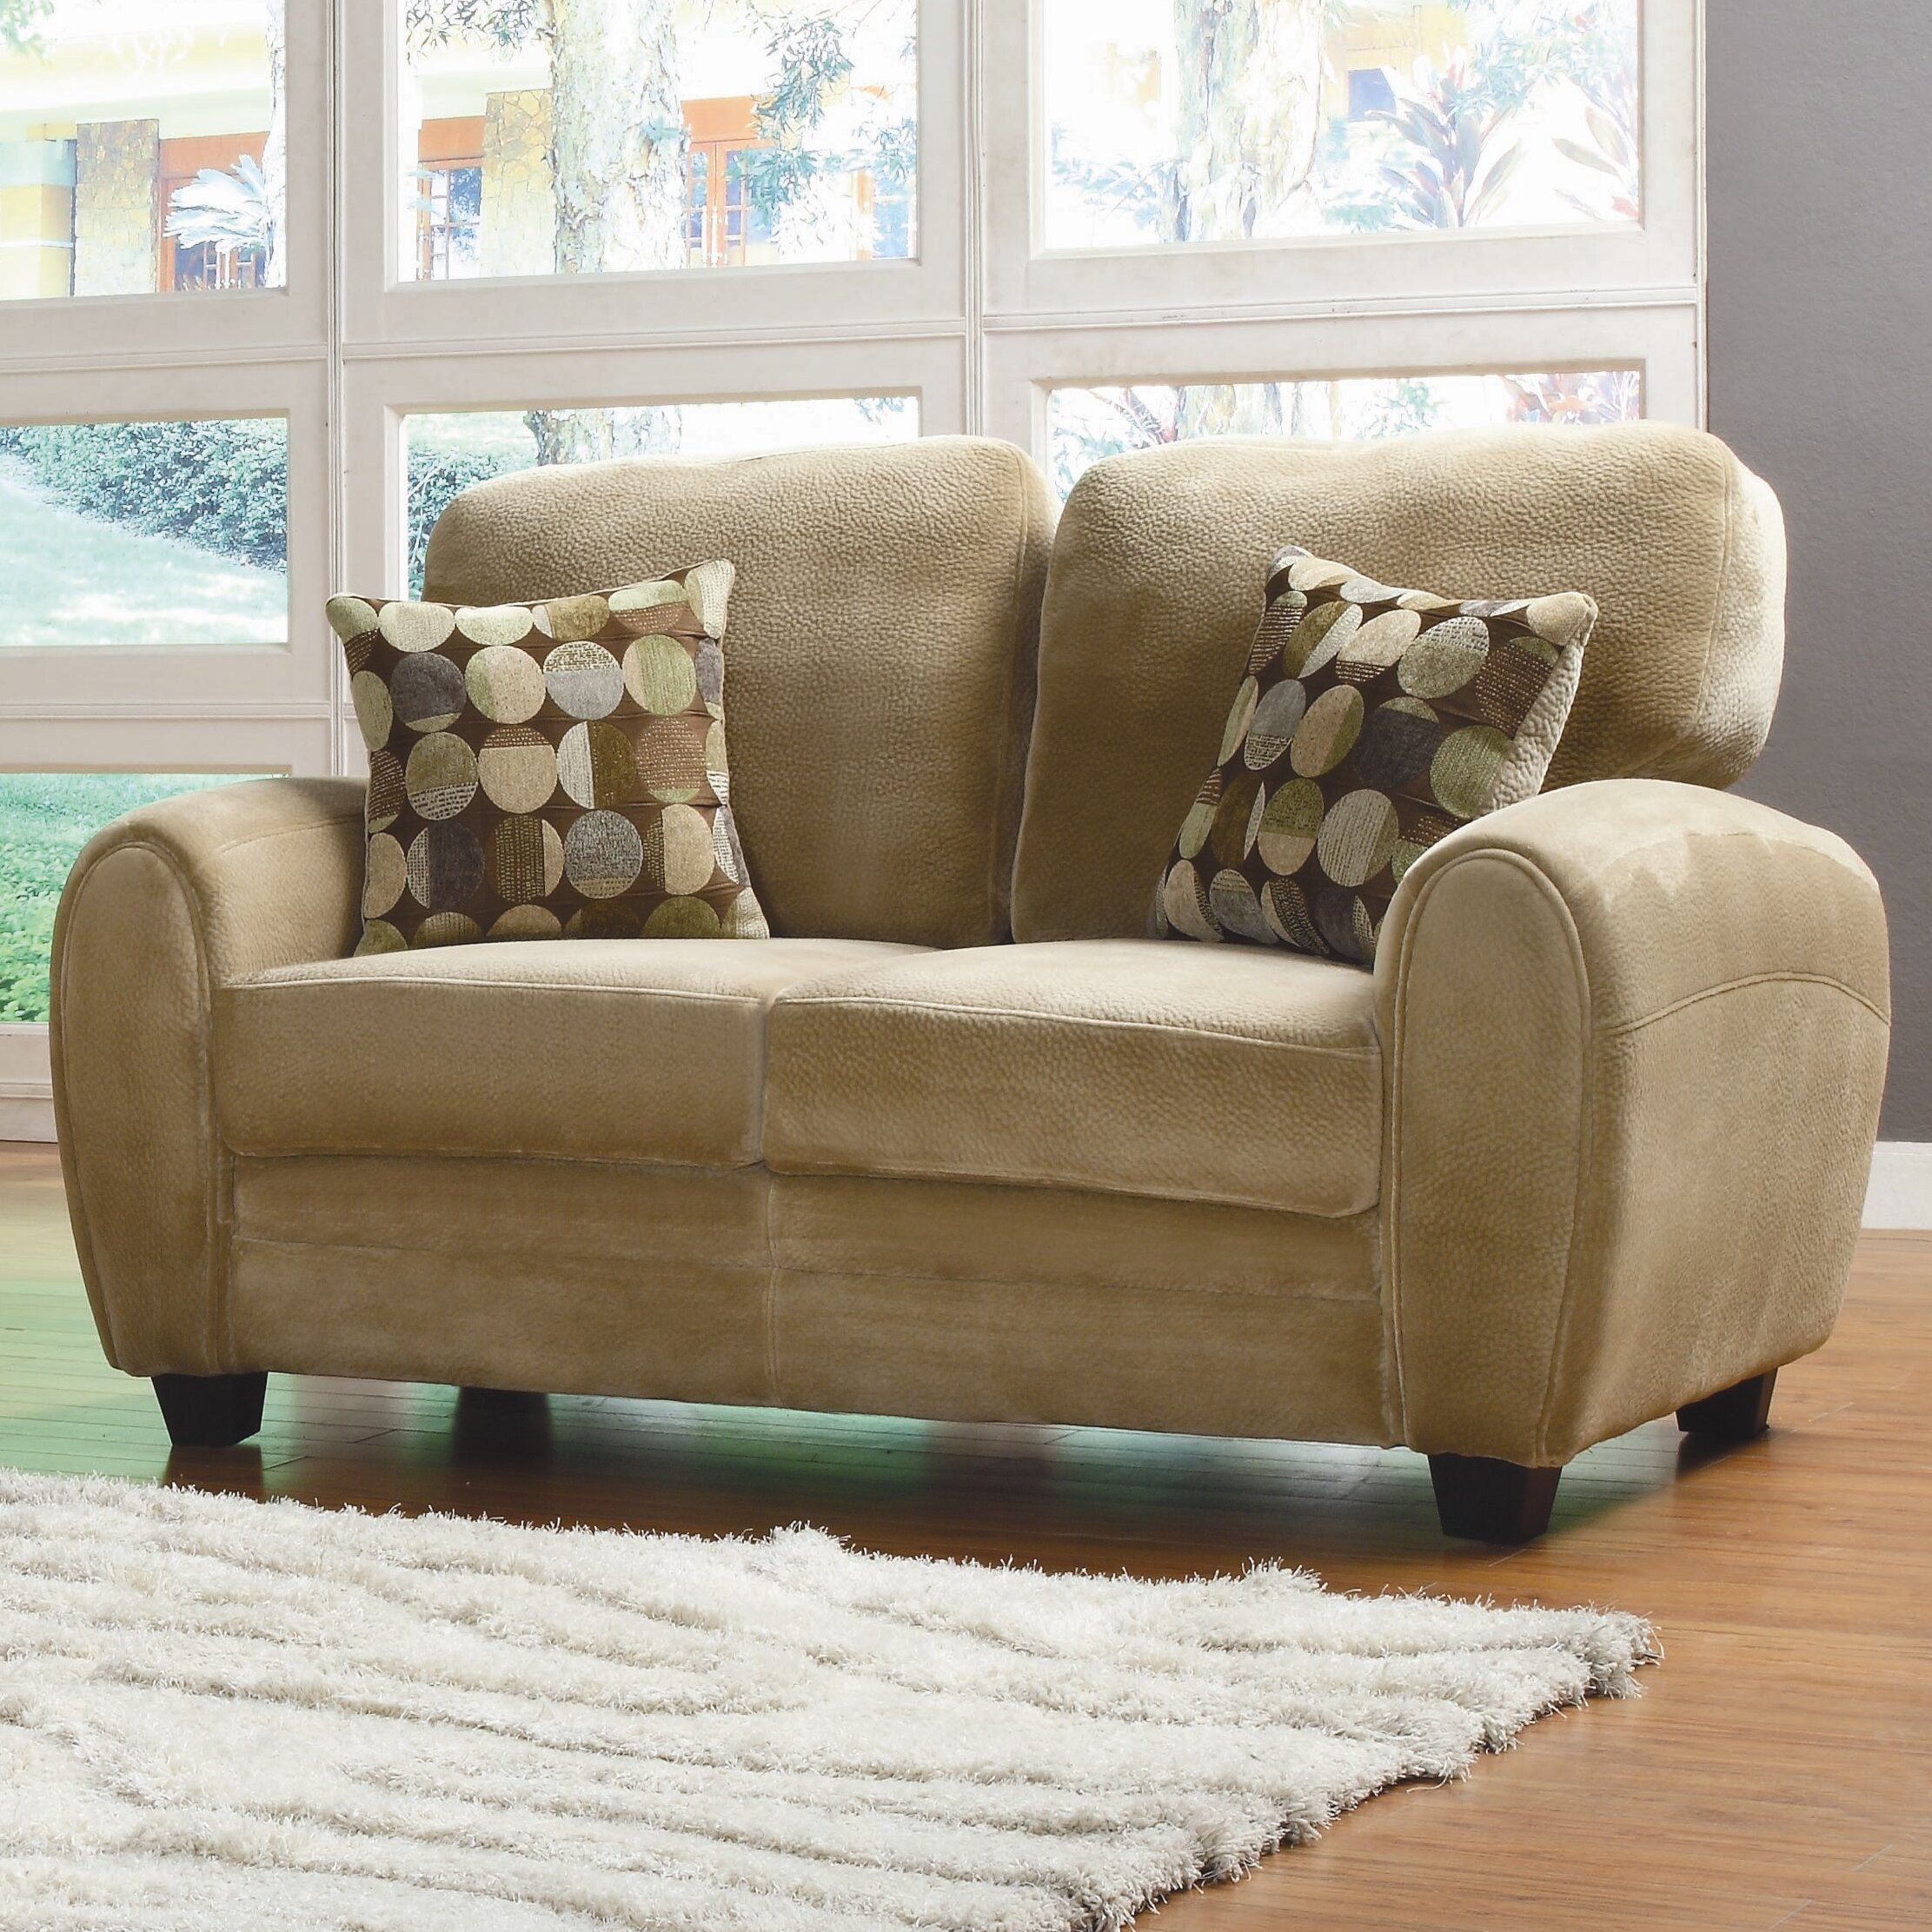 rubin living room collection wayfair. Black Bedroom Furniture Sets. Home Design Ideas